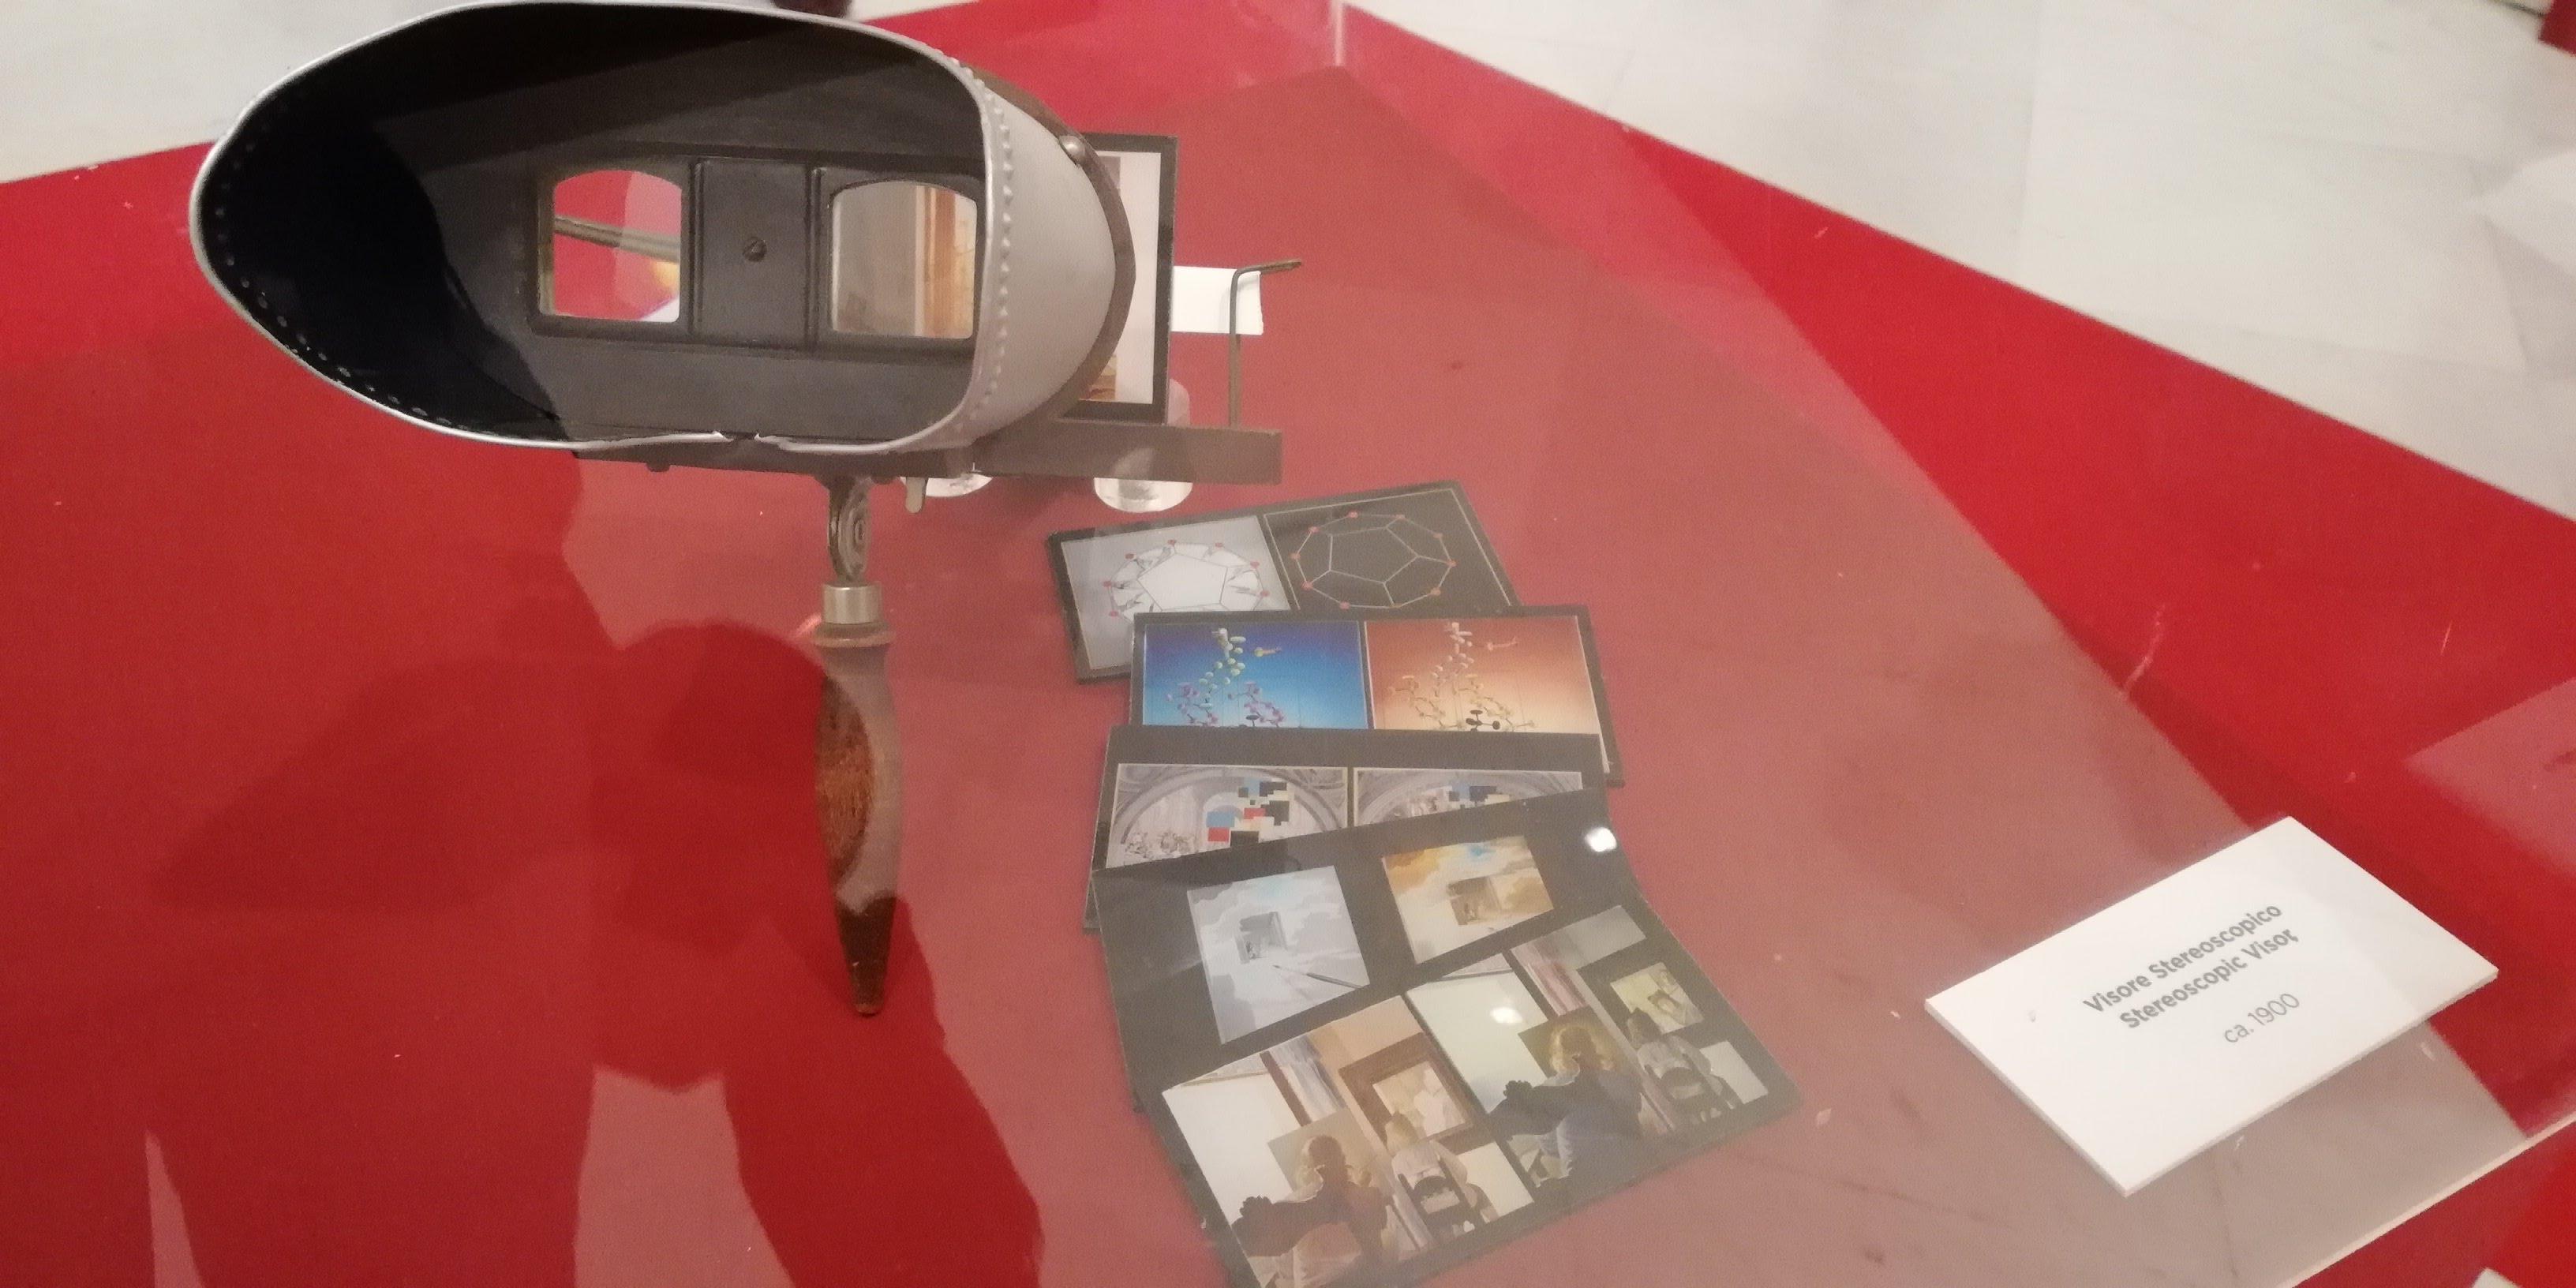 Visore stereoscopico di Dalì